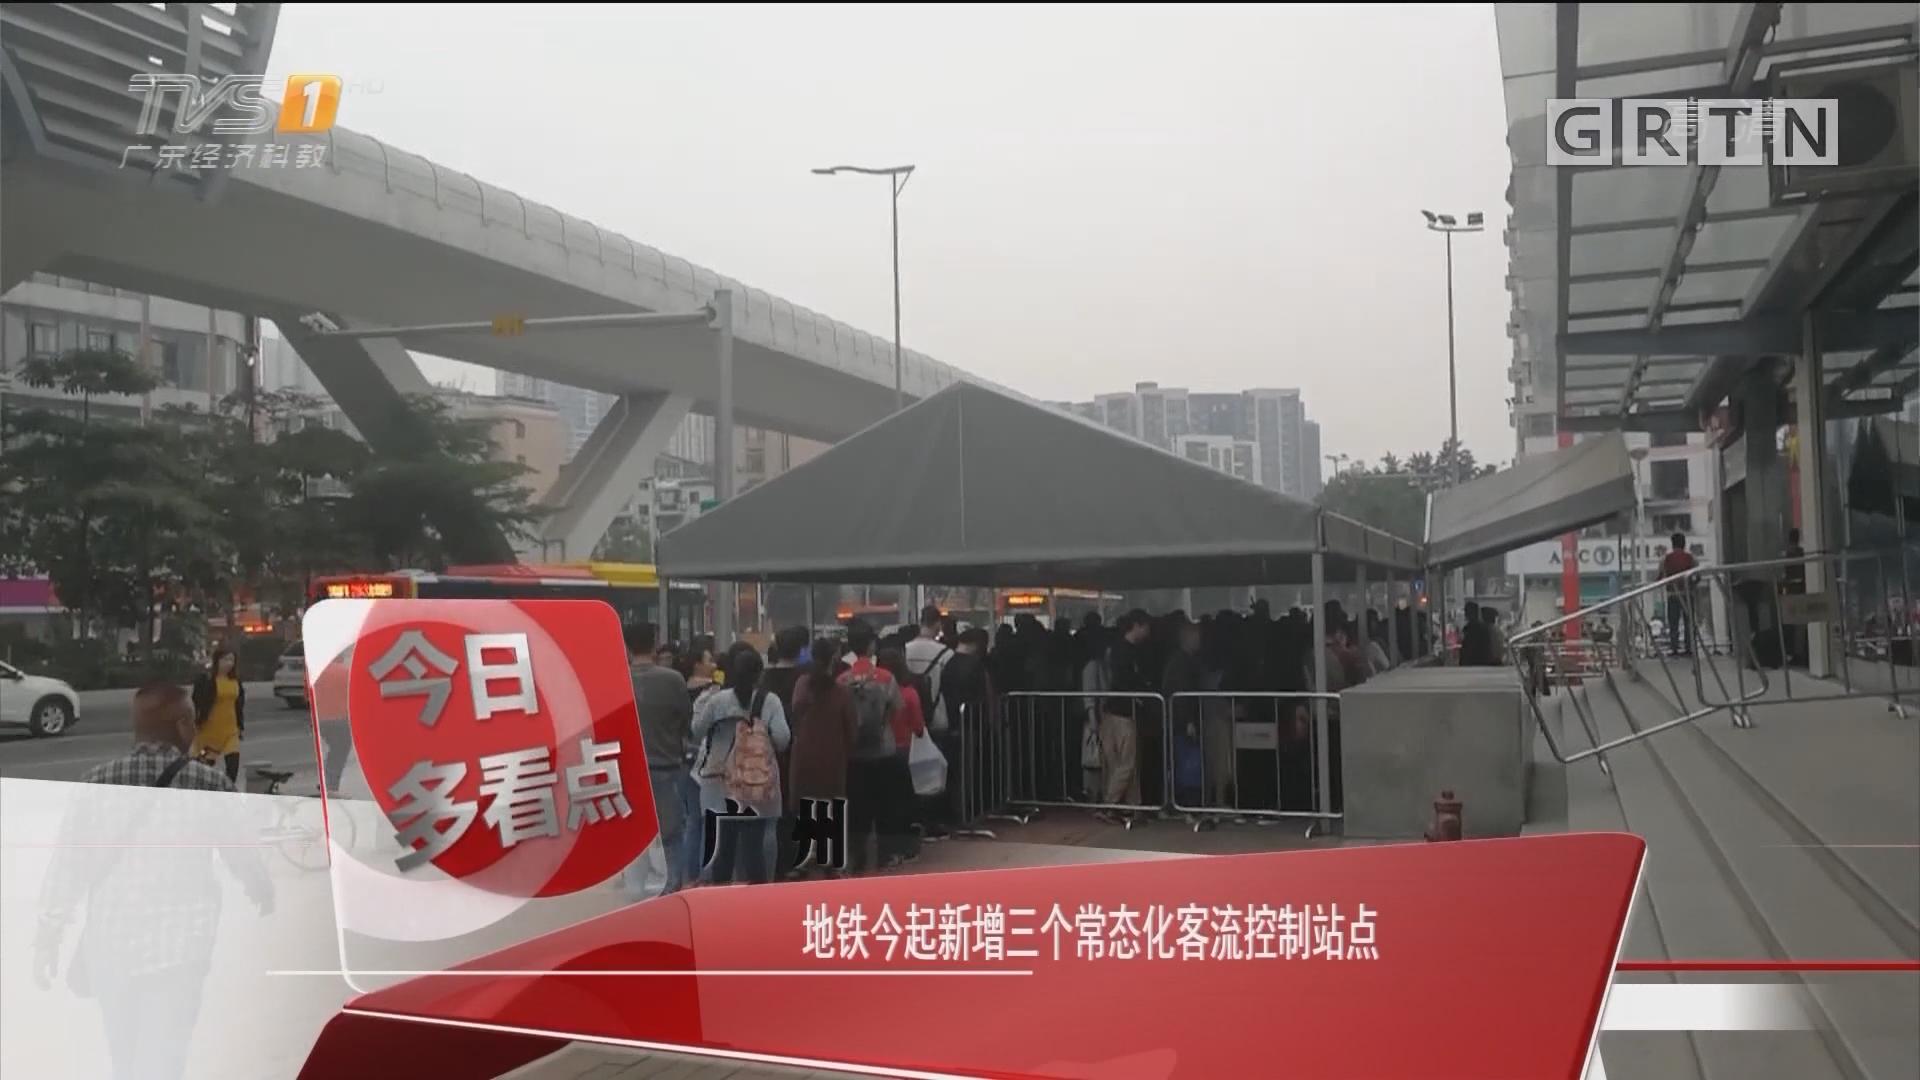 广州:地铁今起新增三个常态化客流控制站点